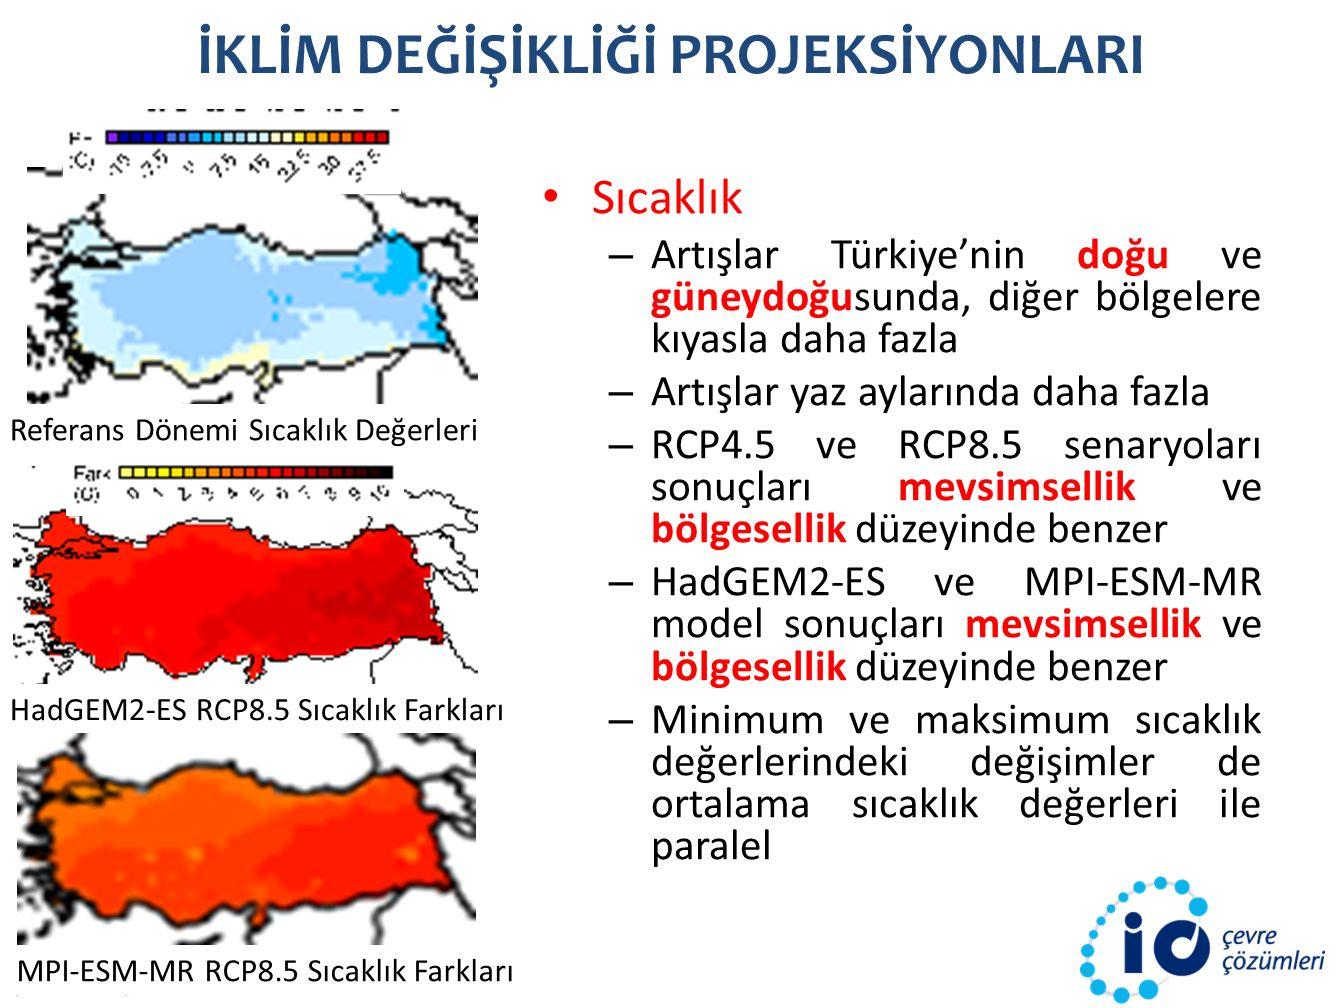 İKLİM DEĞİŞİKLİĞİ PROJEKSİYONLARI HadGEM2-ES RCP8.5 Sıcaklık Farkları Referans Dönemi Sıcaklık Değerleri MPI-ESM-MR RCP8.5 Sıcaklık Farkları Sıcaklık – Artışlar Türkiye'nin doğu ve güneydoğusunda, diğer bölgelere kıyasla daha fazla – Artışlar yaz aylarında daha fazla – RCP4.5 ve RCP8.5 senaryoları sonuçları mevsimsellik ve bölgesellik düzeyinde benzer – HadGEM2-ES ve MPI-ESM-MR model sonuçları mevsimsellik ve bölgesellik düzeyinde benzer – Minimum ve maksimum sıcaklık değerlerindeki değişimler de ortalama sıcaklık değerleri ile paralel